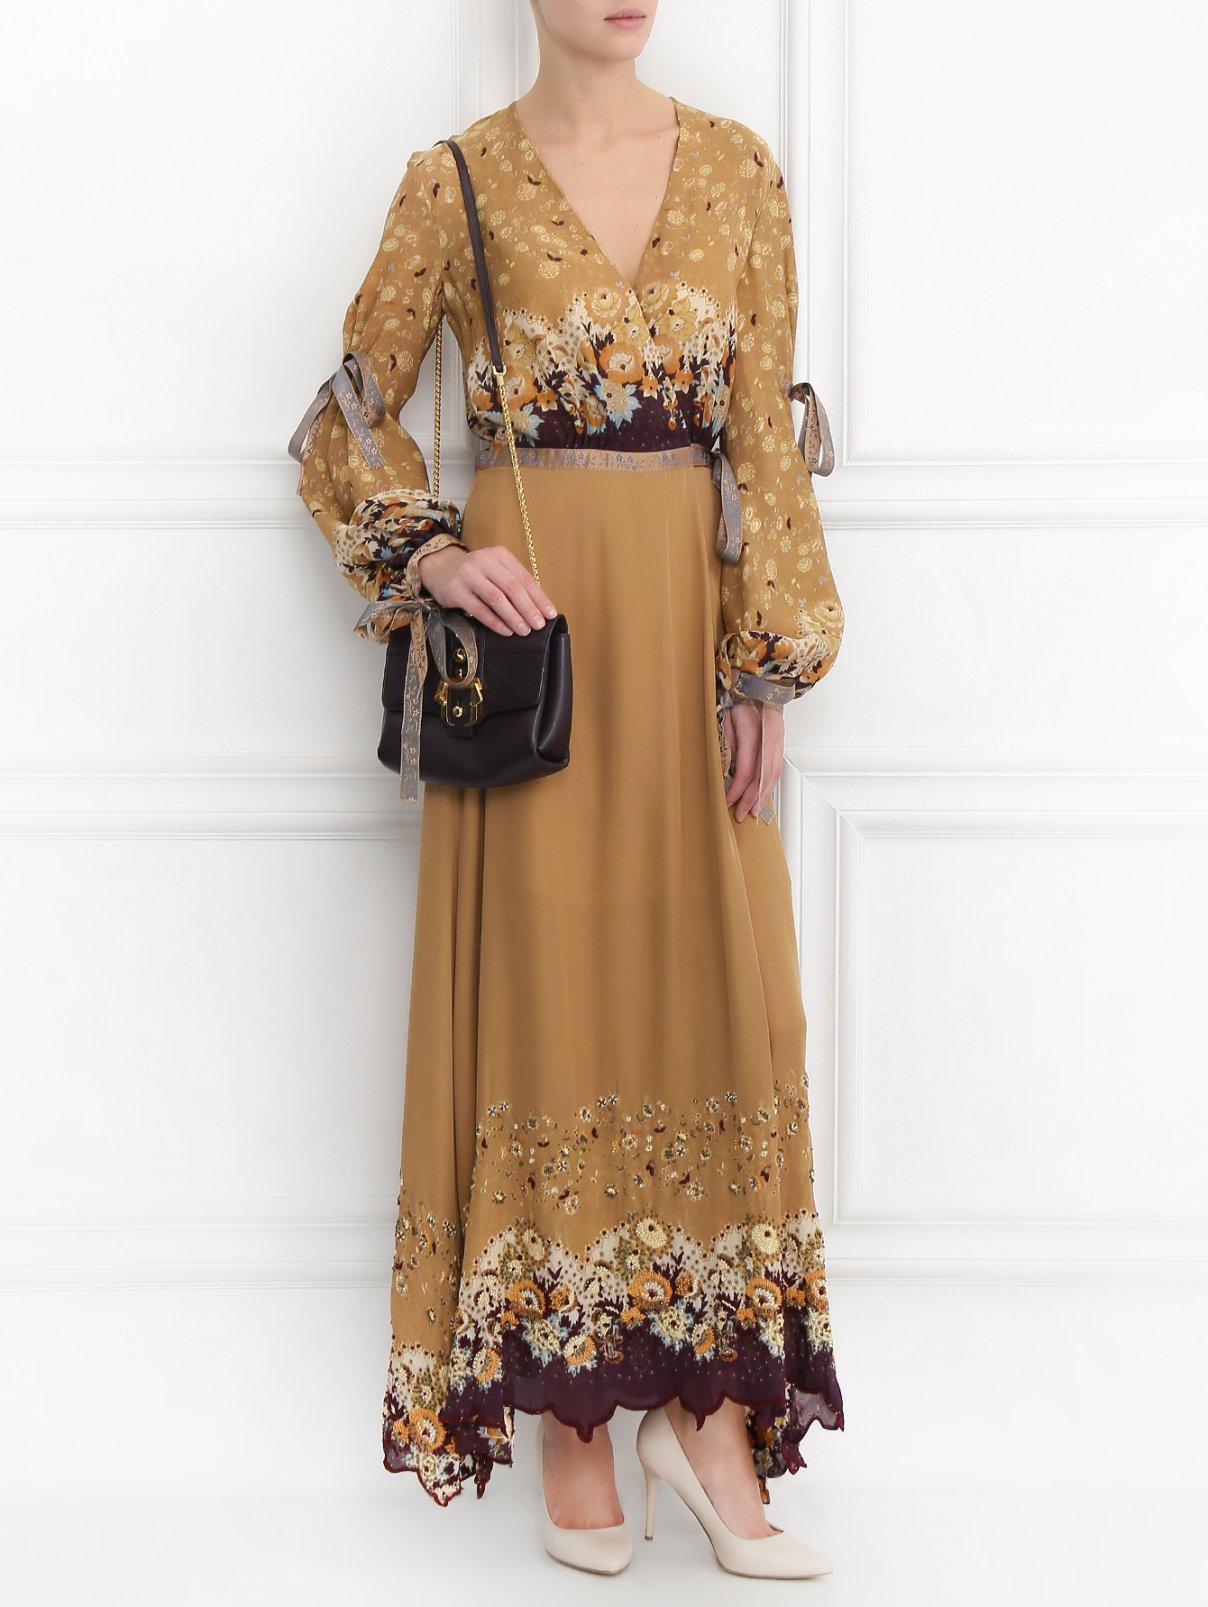 Платье из шелка с запахом и вышивкой бисером Etro  –  Модель Общий вид